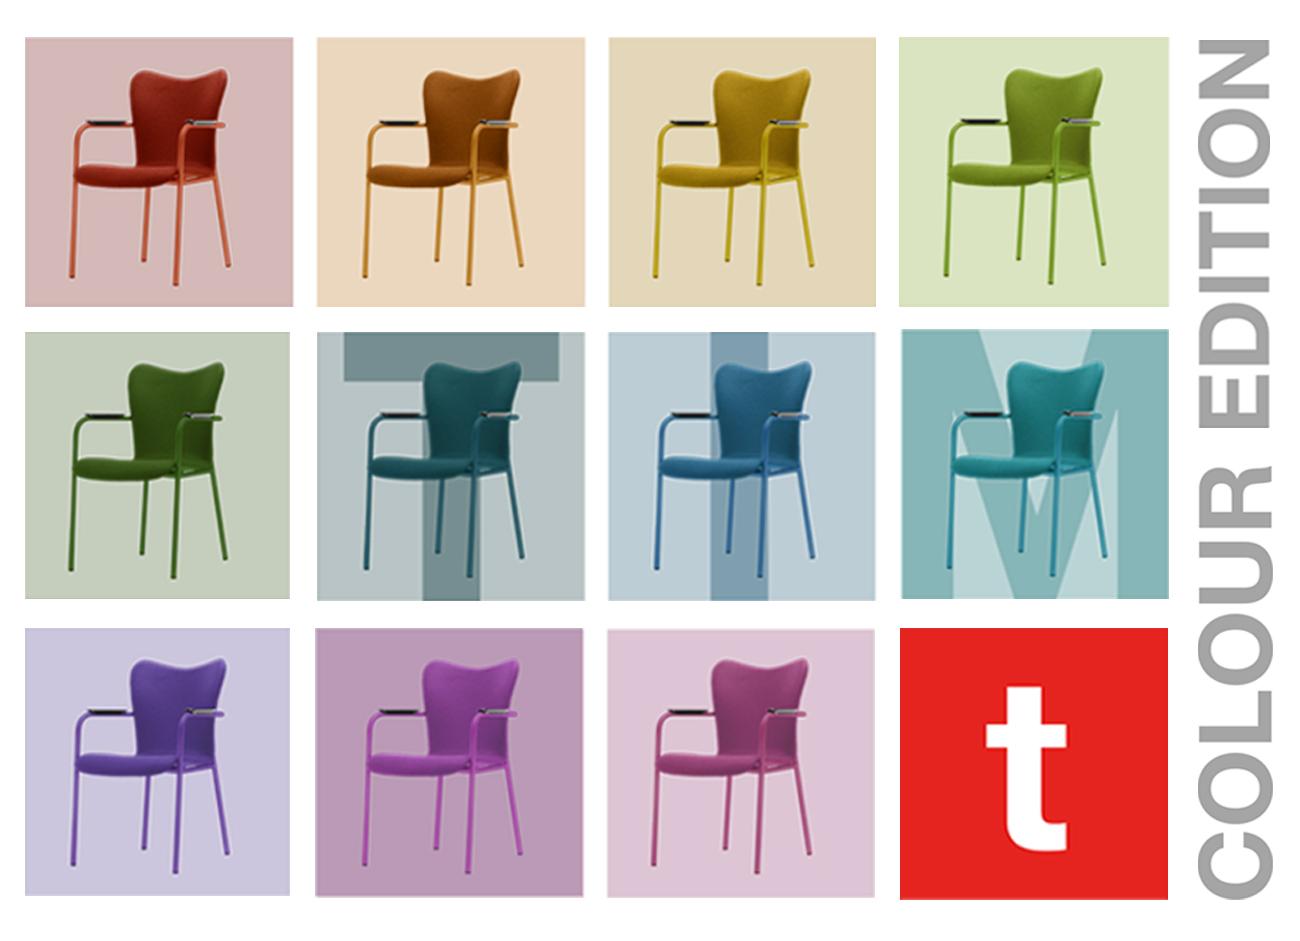 De Tim stoel is een stoel die naar wens te stylen is. In jouw kleuren of huisstijl. Jij kiest.